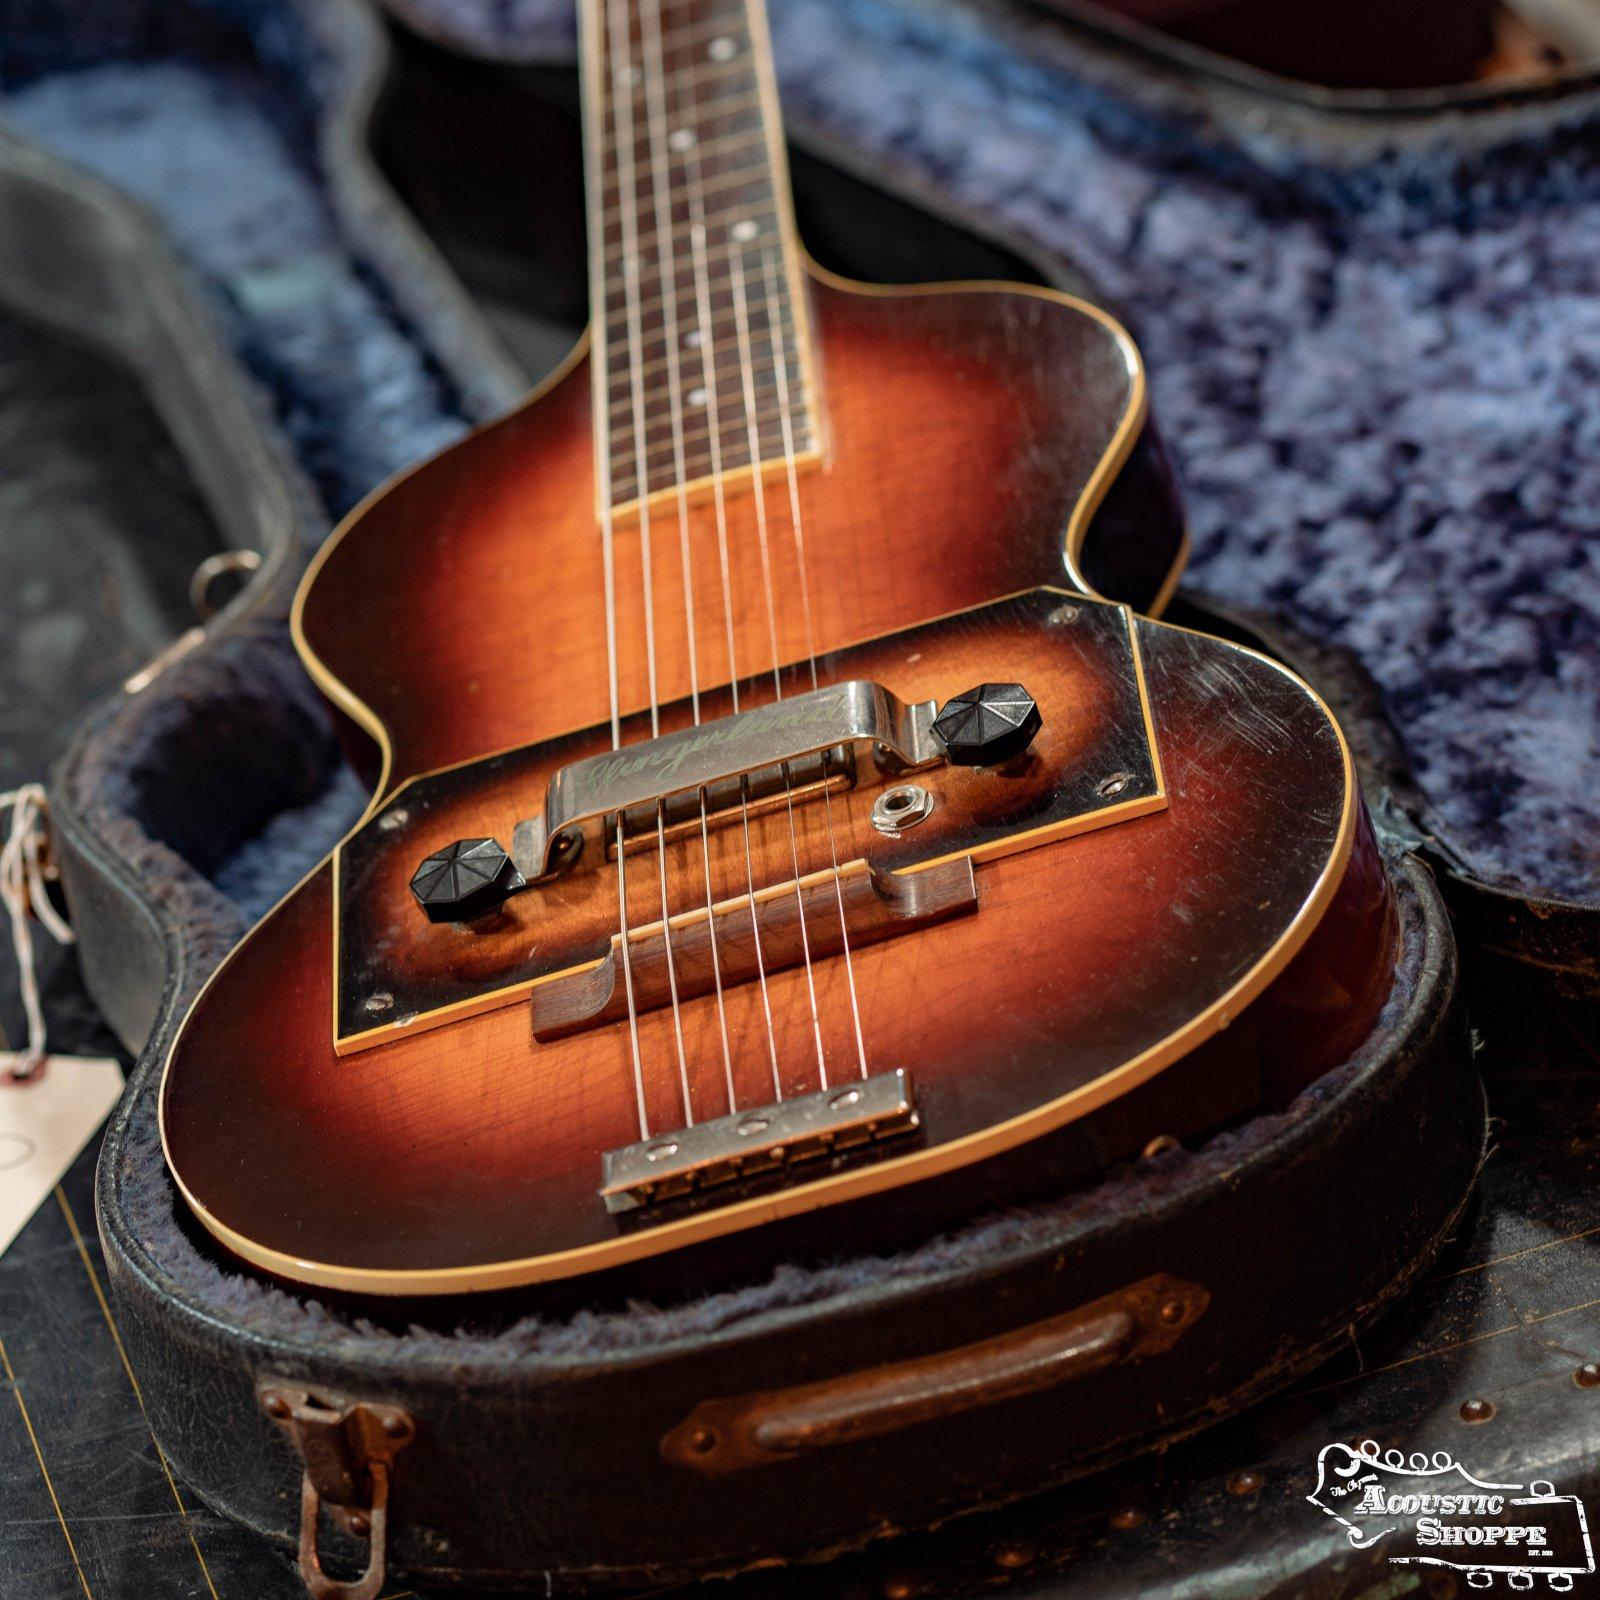 (Vintage) 1930s Slingerland Songster 401 Lap Steel